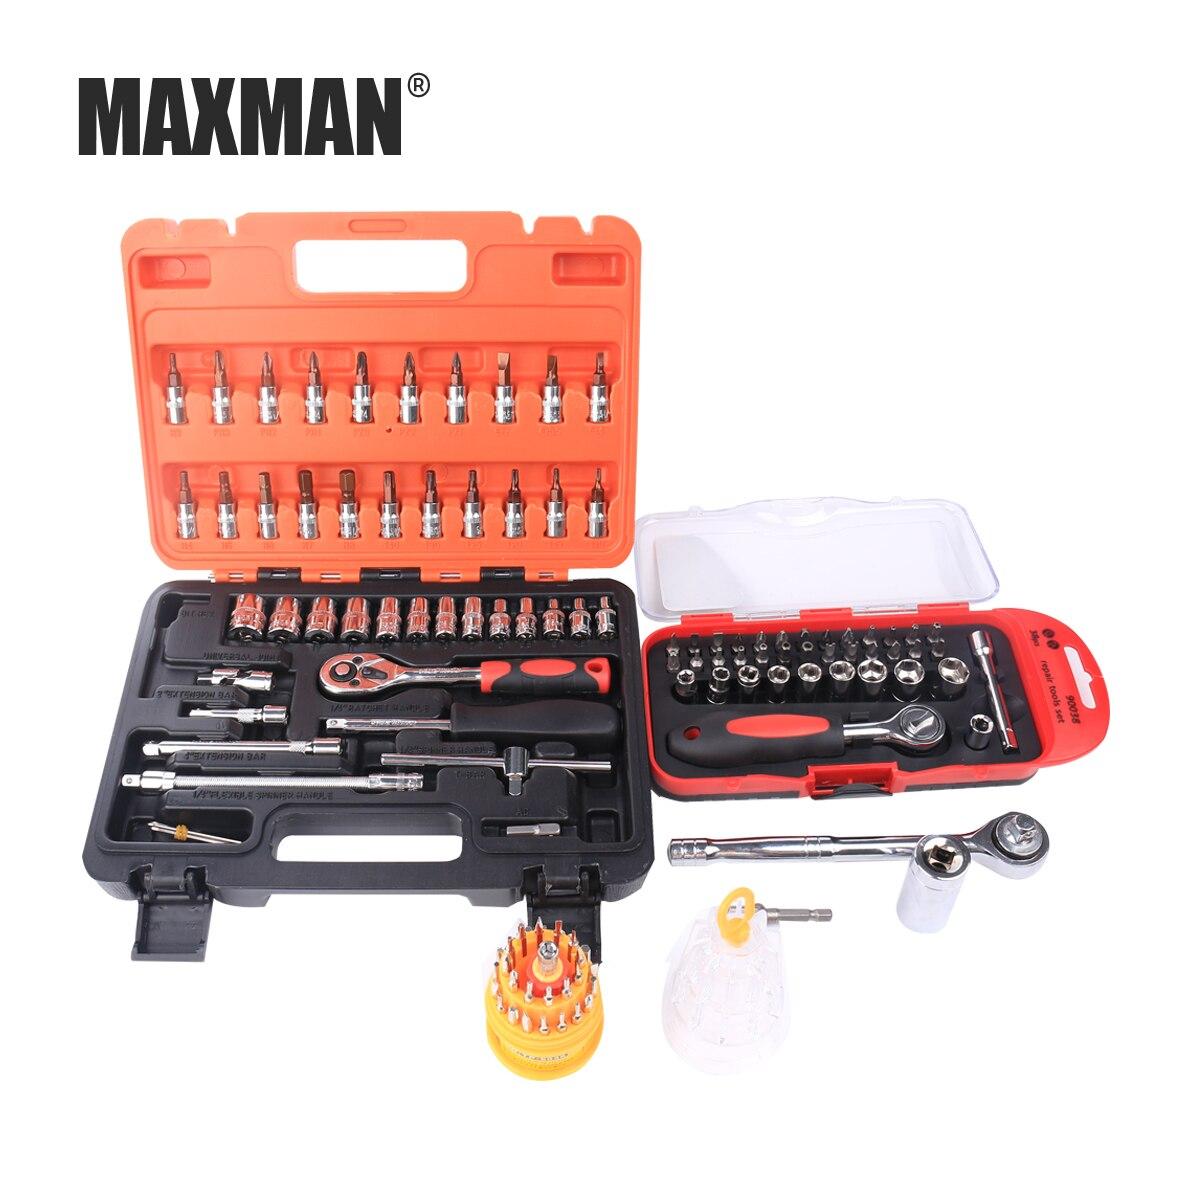 MAXMAN tamanho Multi-Soquete Catraca Torquímetro Barra de Extensão Brocas Ferramentas de Reparação de Automóveis Kit Multifunction Hand Tool Kit